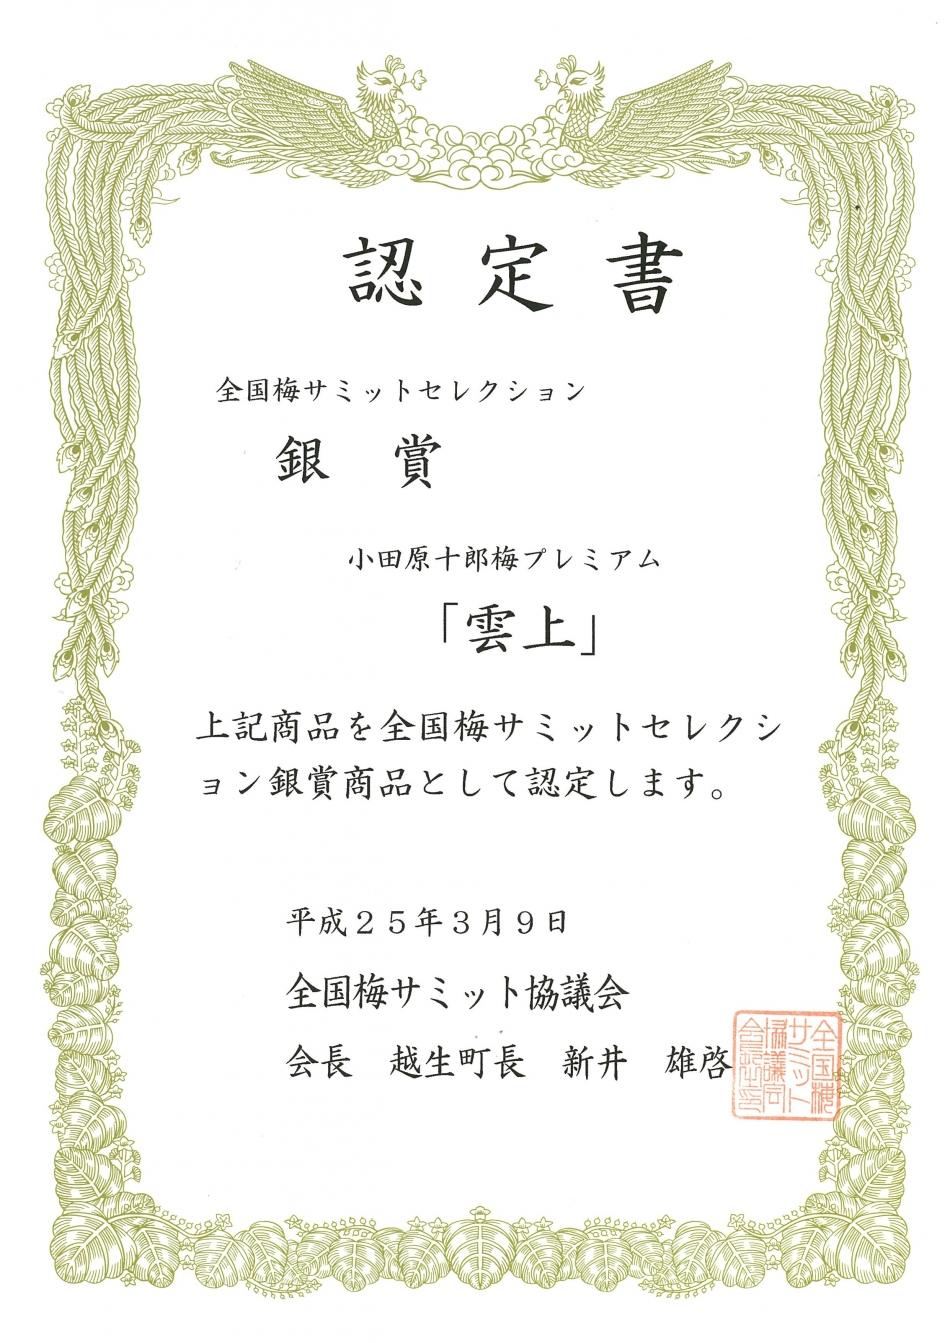 第18回全国梅サミット特産品セレクション認定書